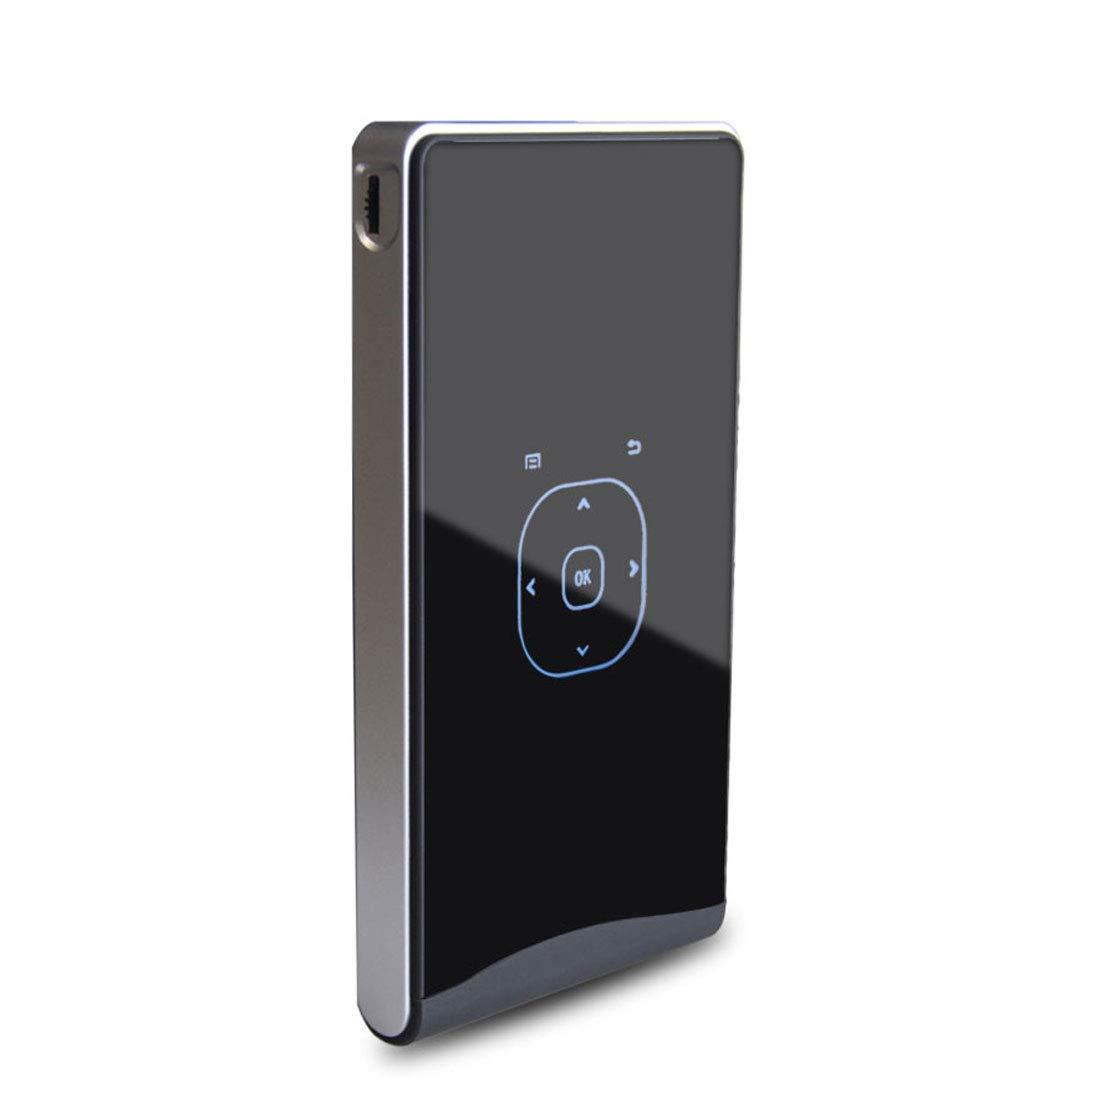 ポータブルミニプロジェクター DLP100Wミニ Android 4.4 60Ansi Lumins 1080P Quad-core DLPピコプロジェクター、サポートのWiFi /ブルートゥース/ HDMI / USB / TF /ミラキャスト/ Airplay ( Color : Black ) B07RD5KFCX